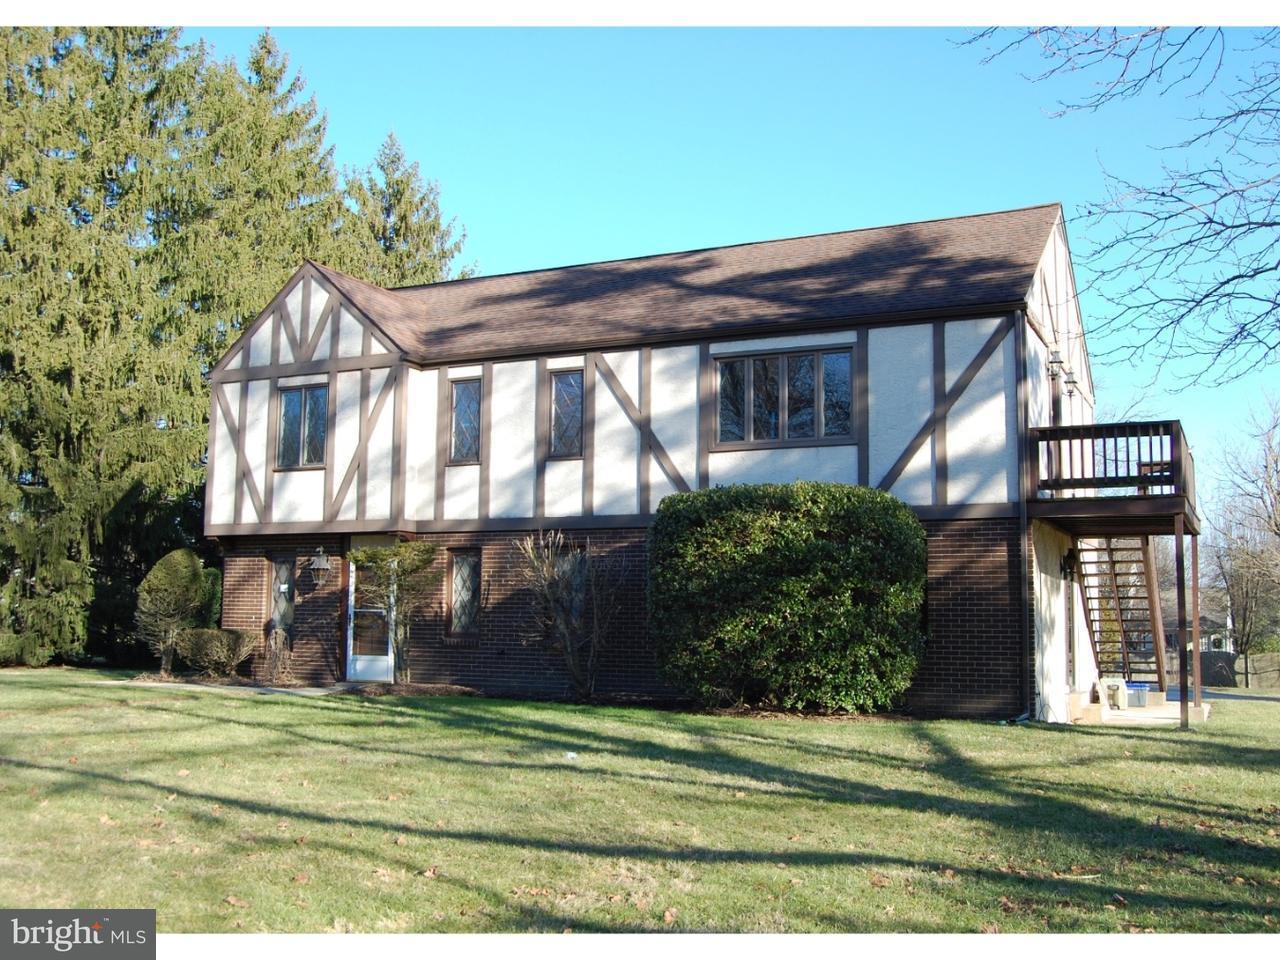 Частный односемейный дом для того Аренда на 890 BELFRY Drive Blue Bell, Пенсильвания 19422 Соединенные Штаты